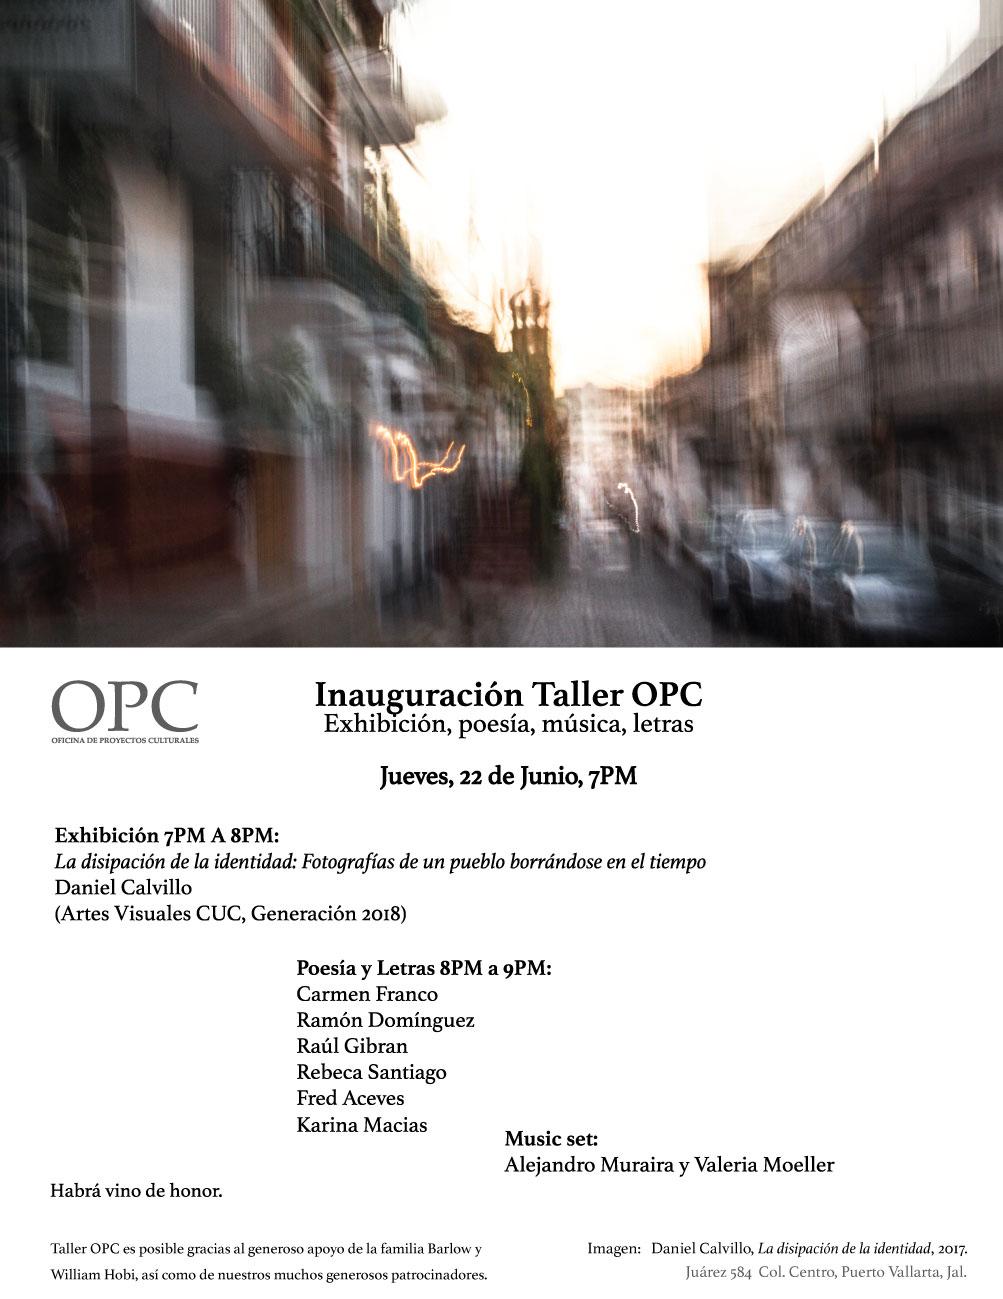 Inauguración-Taller-OPC